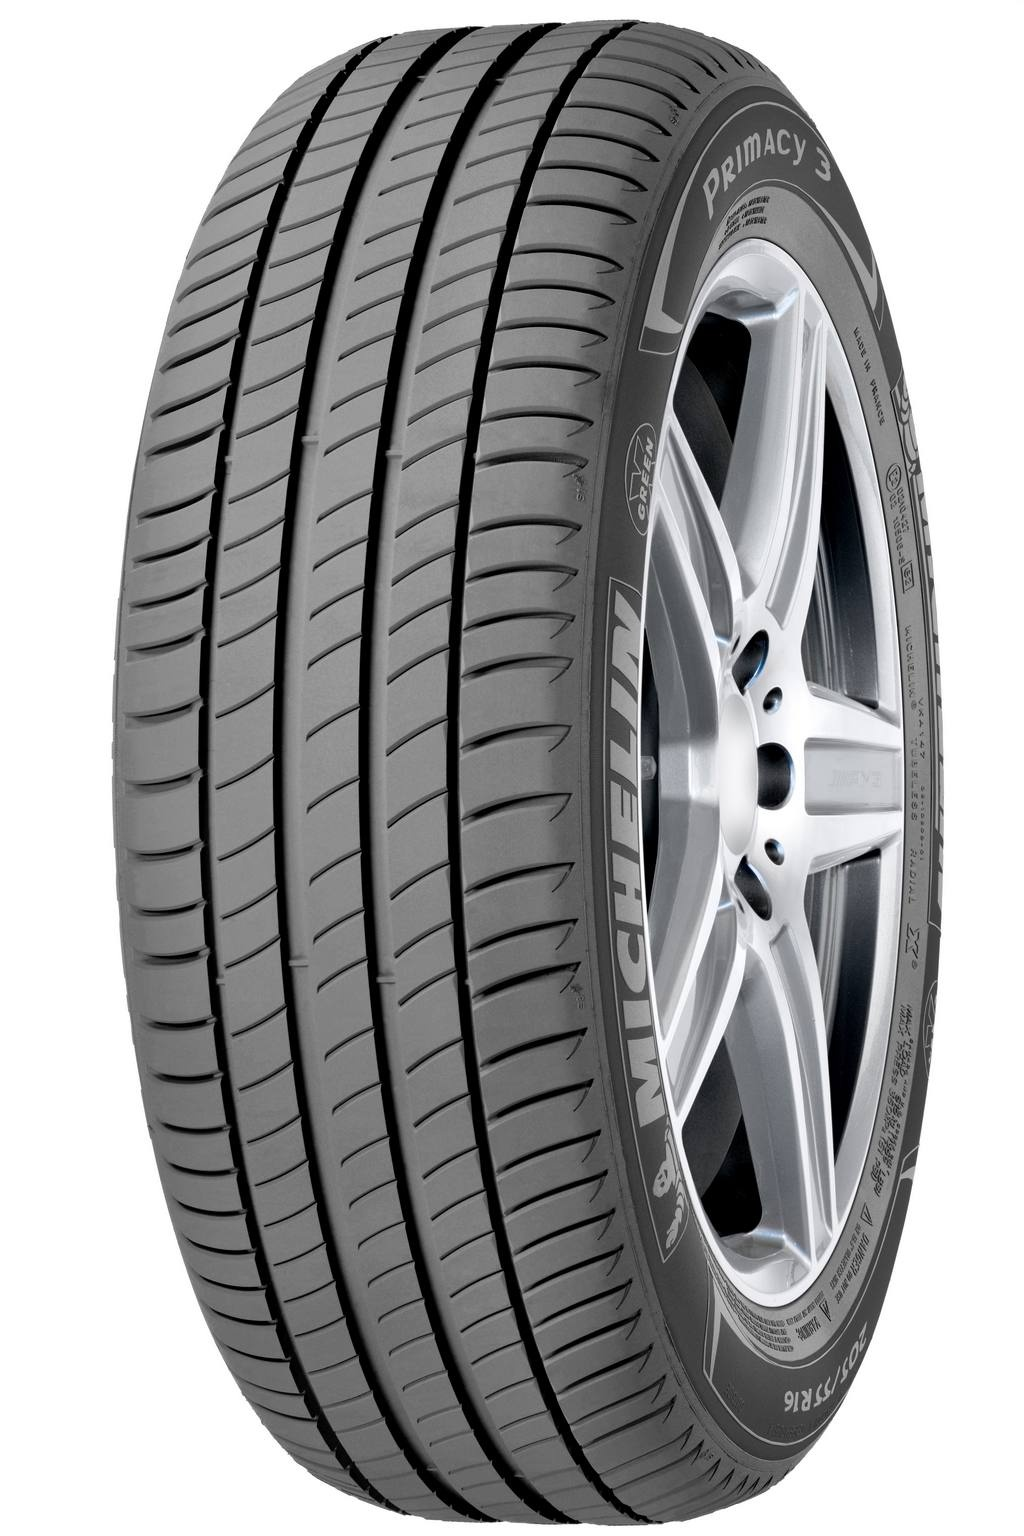 205/55R17 95V, Michelin, PRIMACY 3